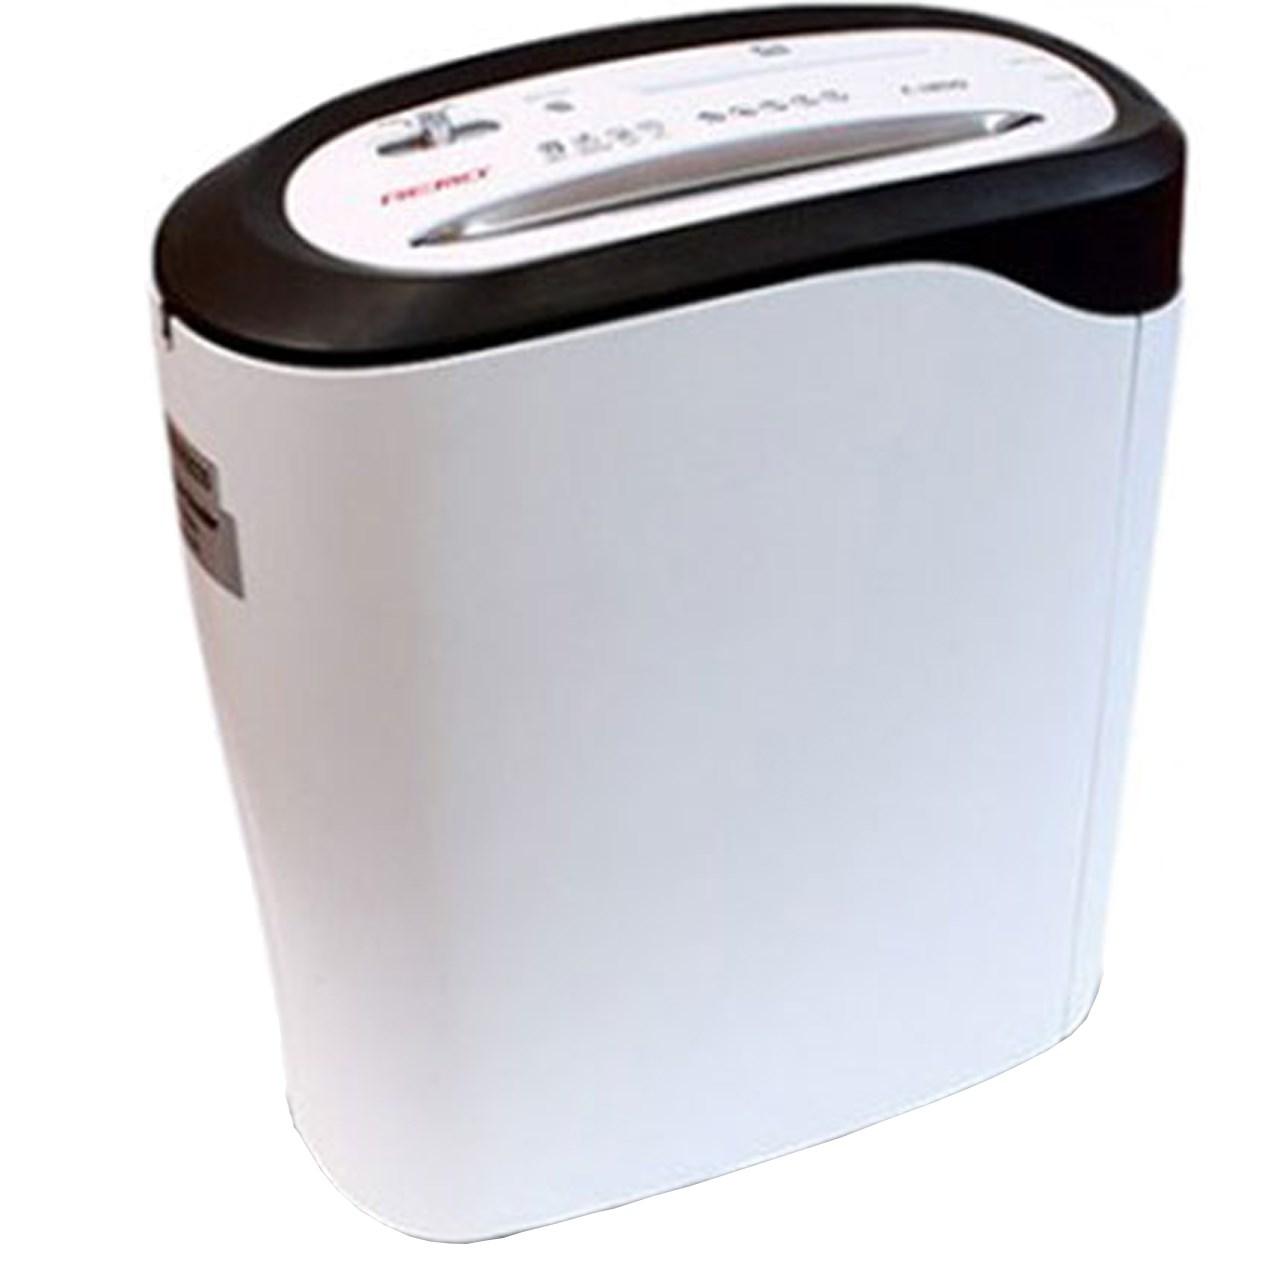 قیمت                      کاغذ خردکن رمو مدل c-1400